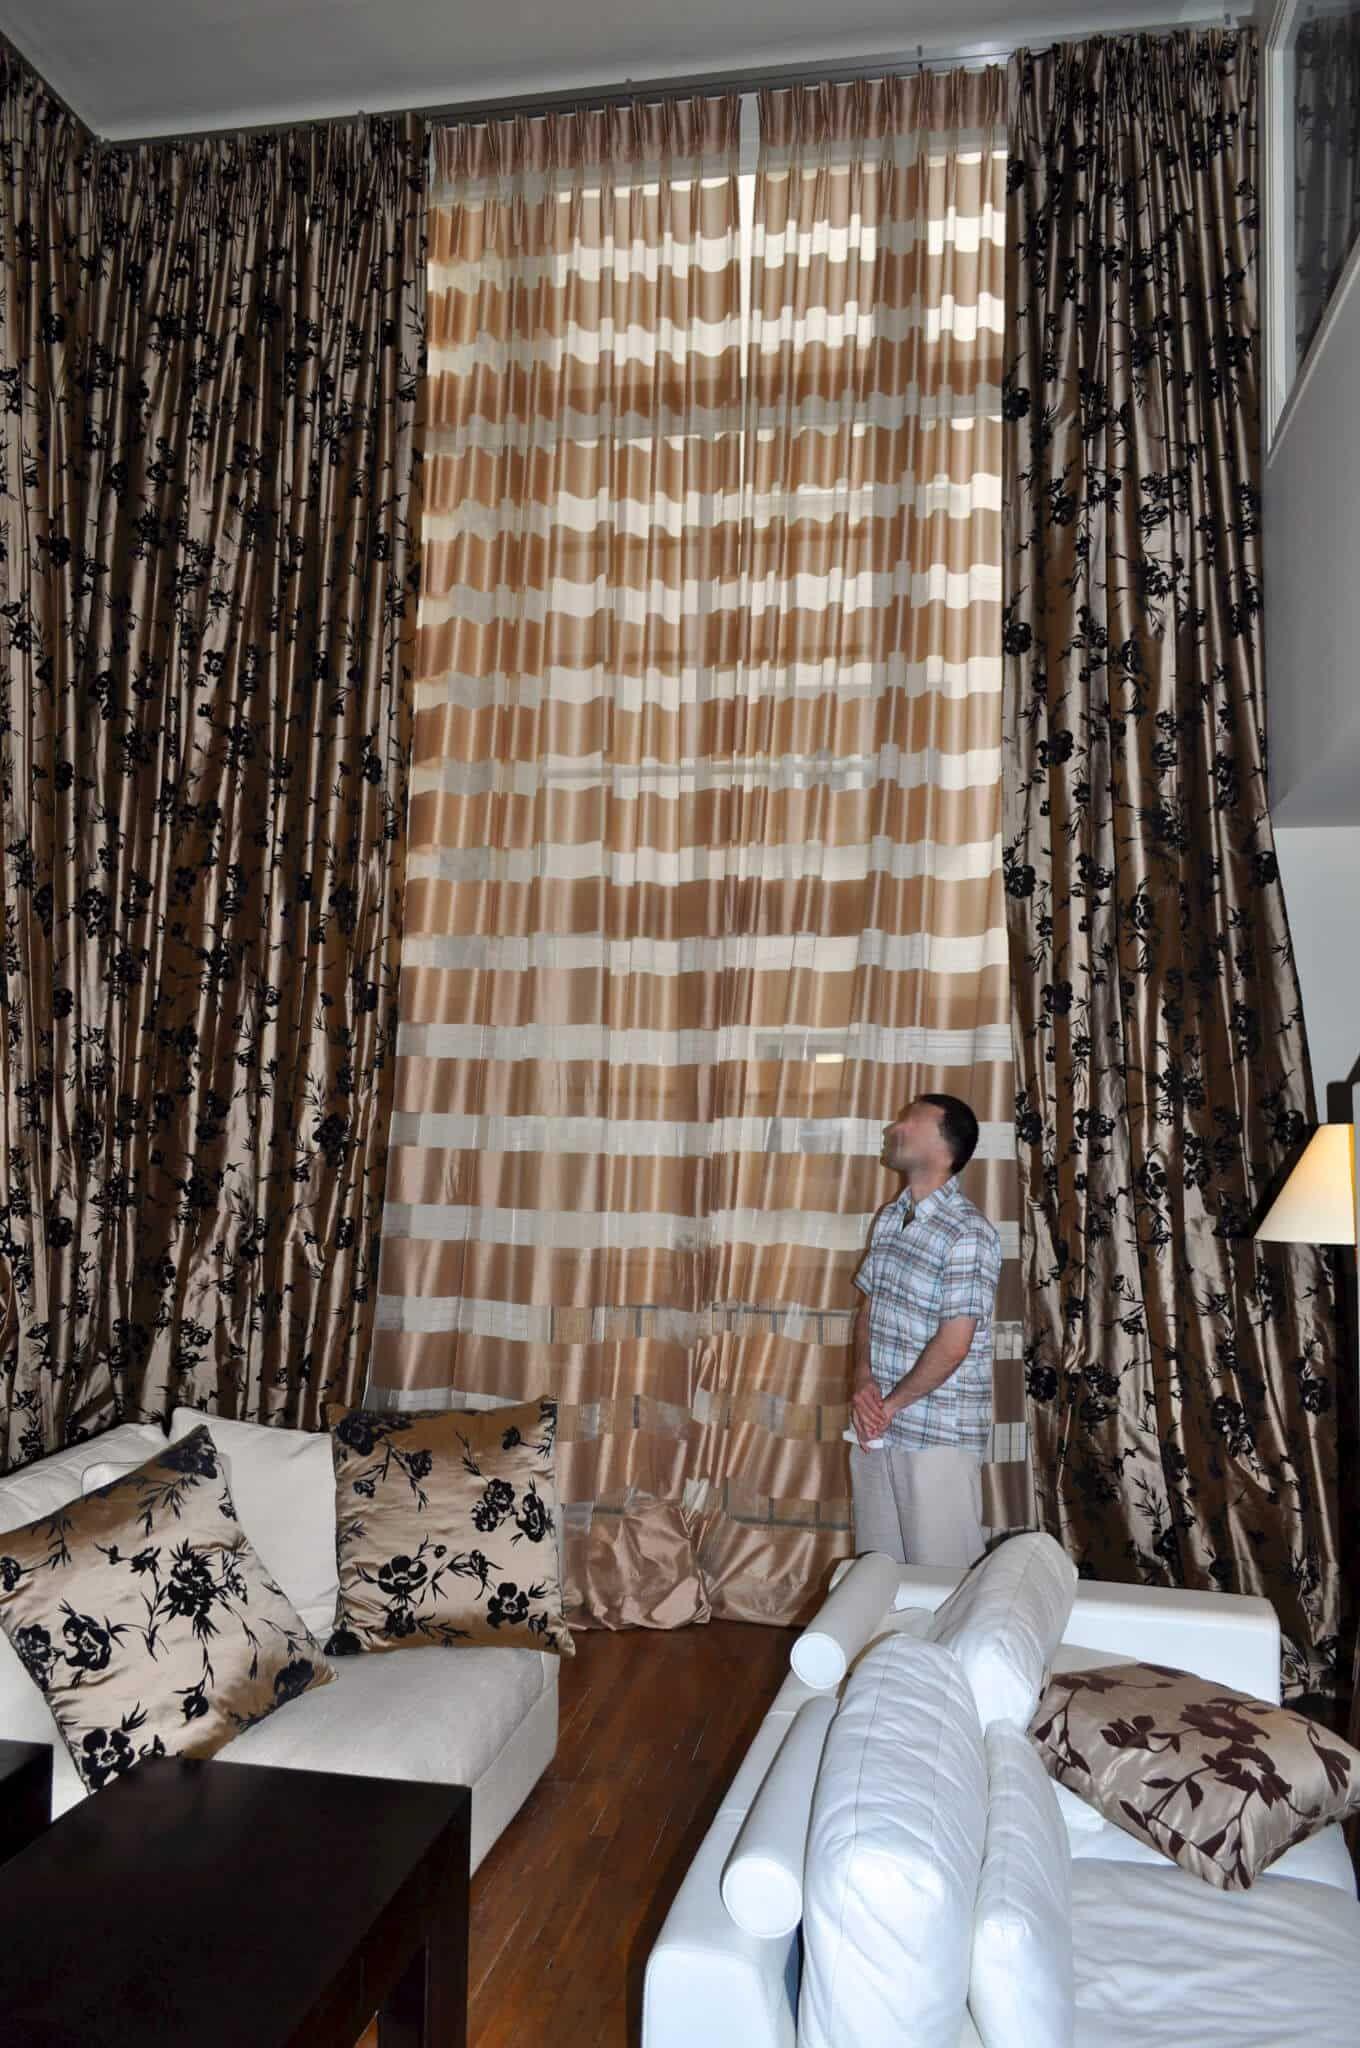 Intérieur hôtel particulier (salon), rideaux de luxe, voilages desig ...